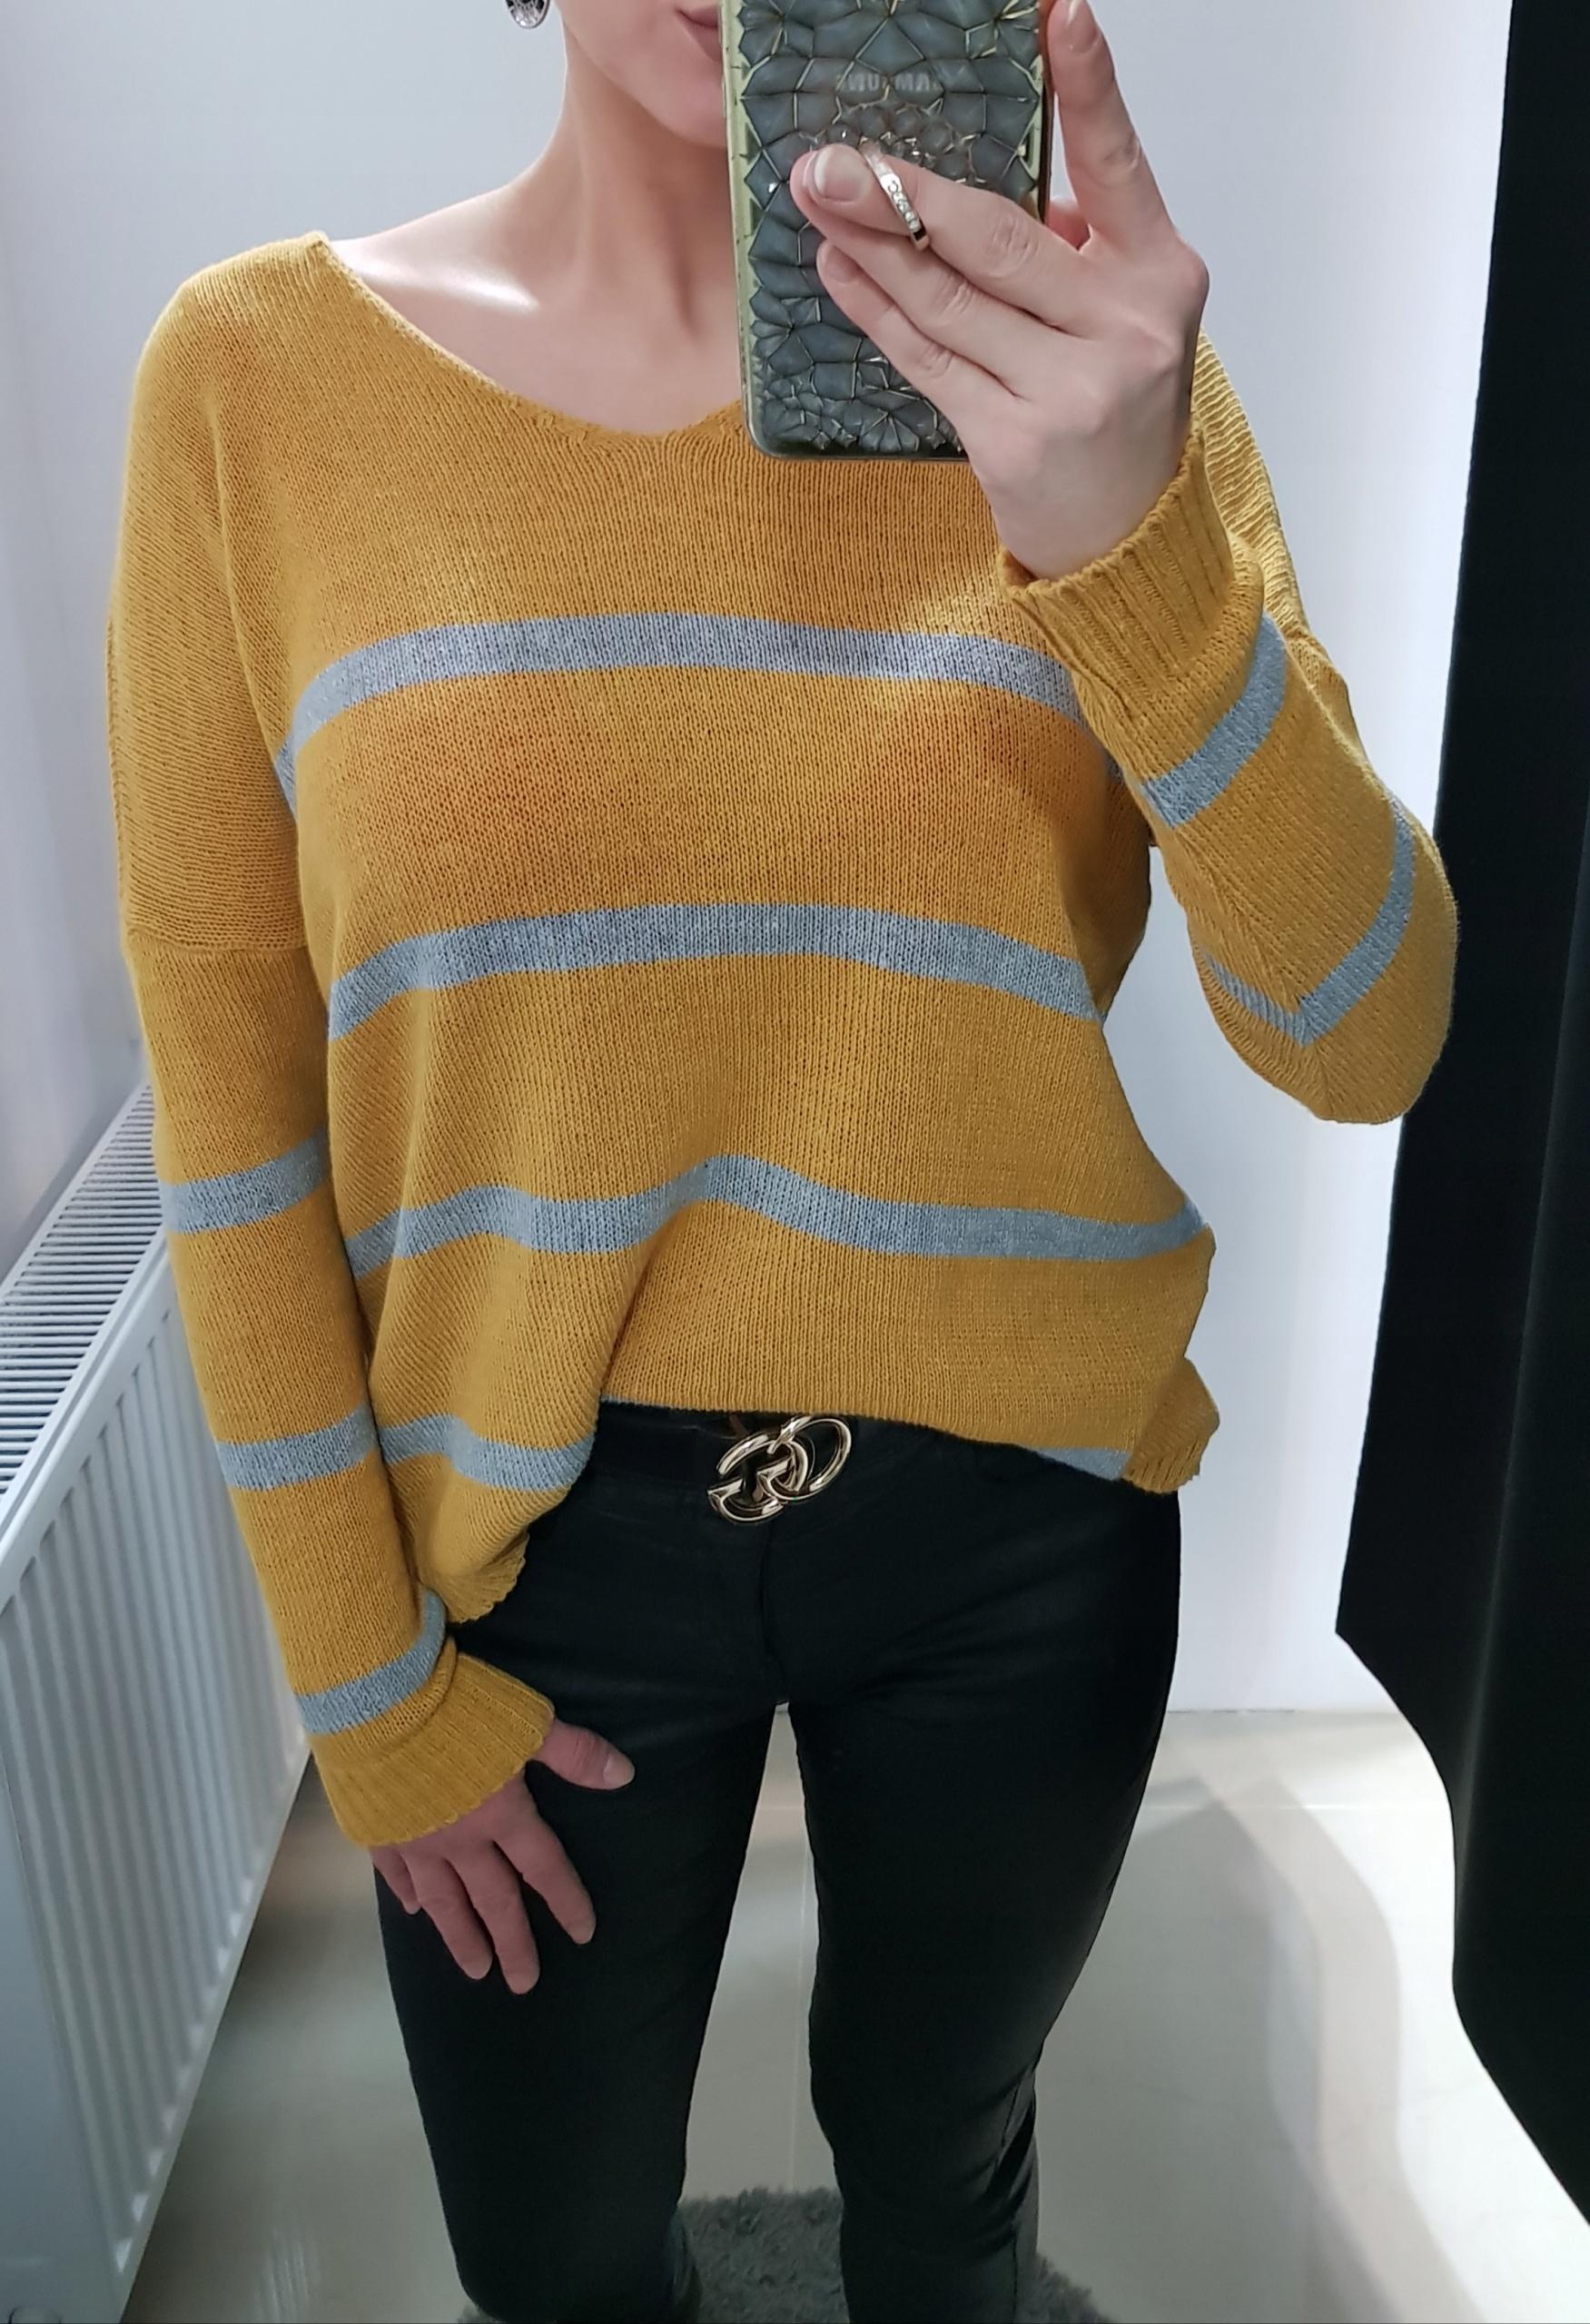 84238038d434 Sweterek sweter miodowy bluzka paski musztardowy - 7706044439 ...